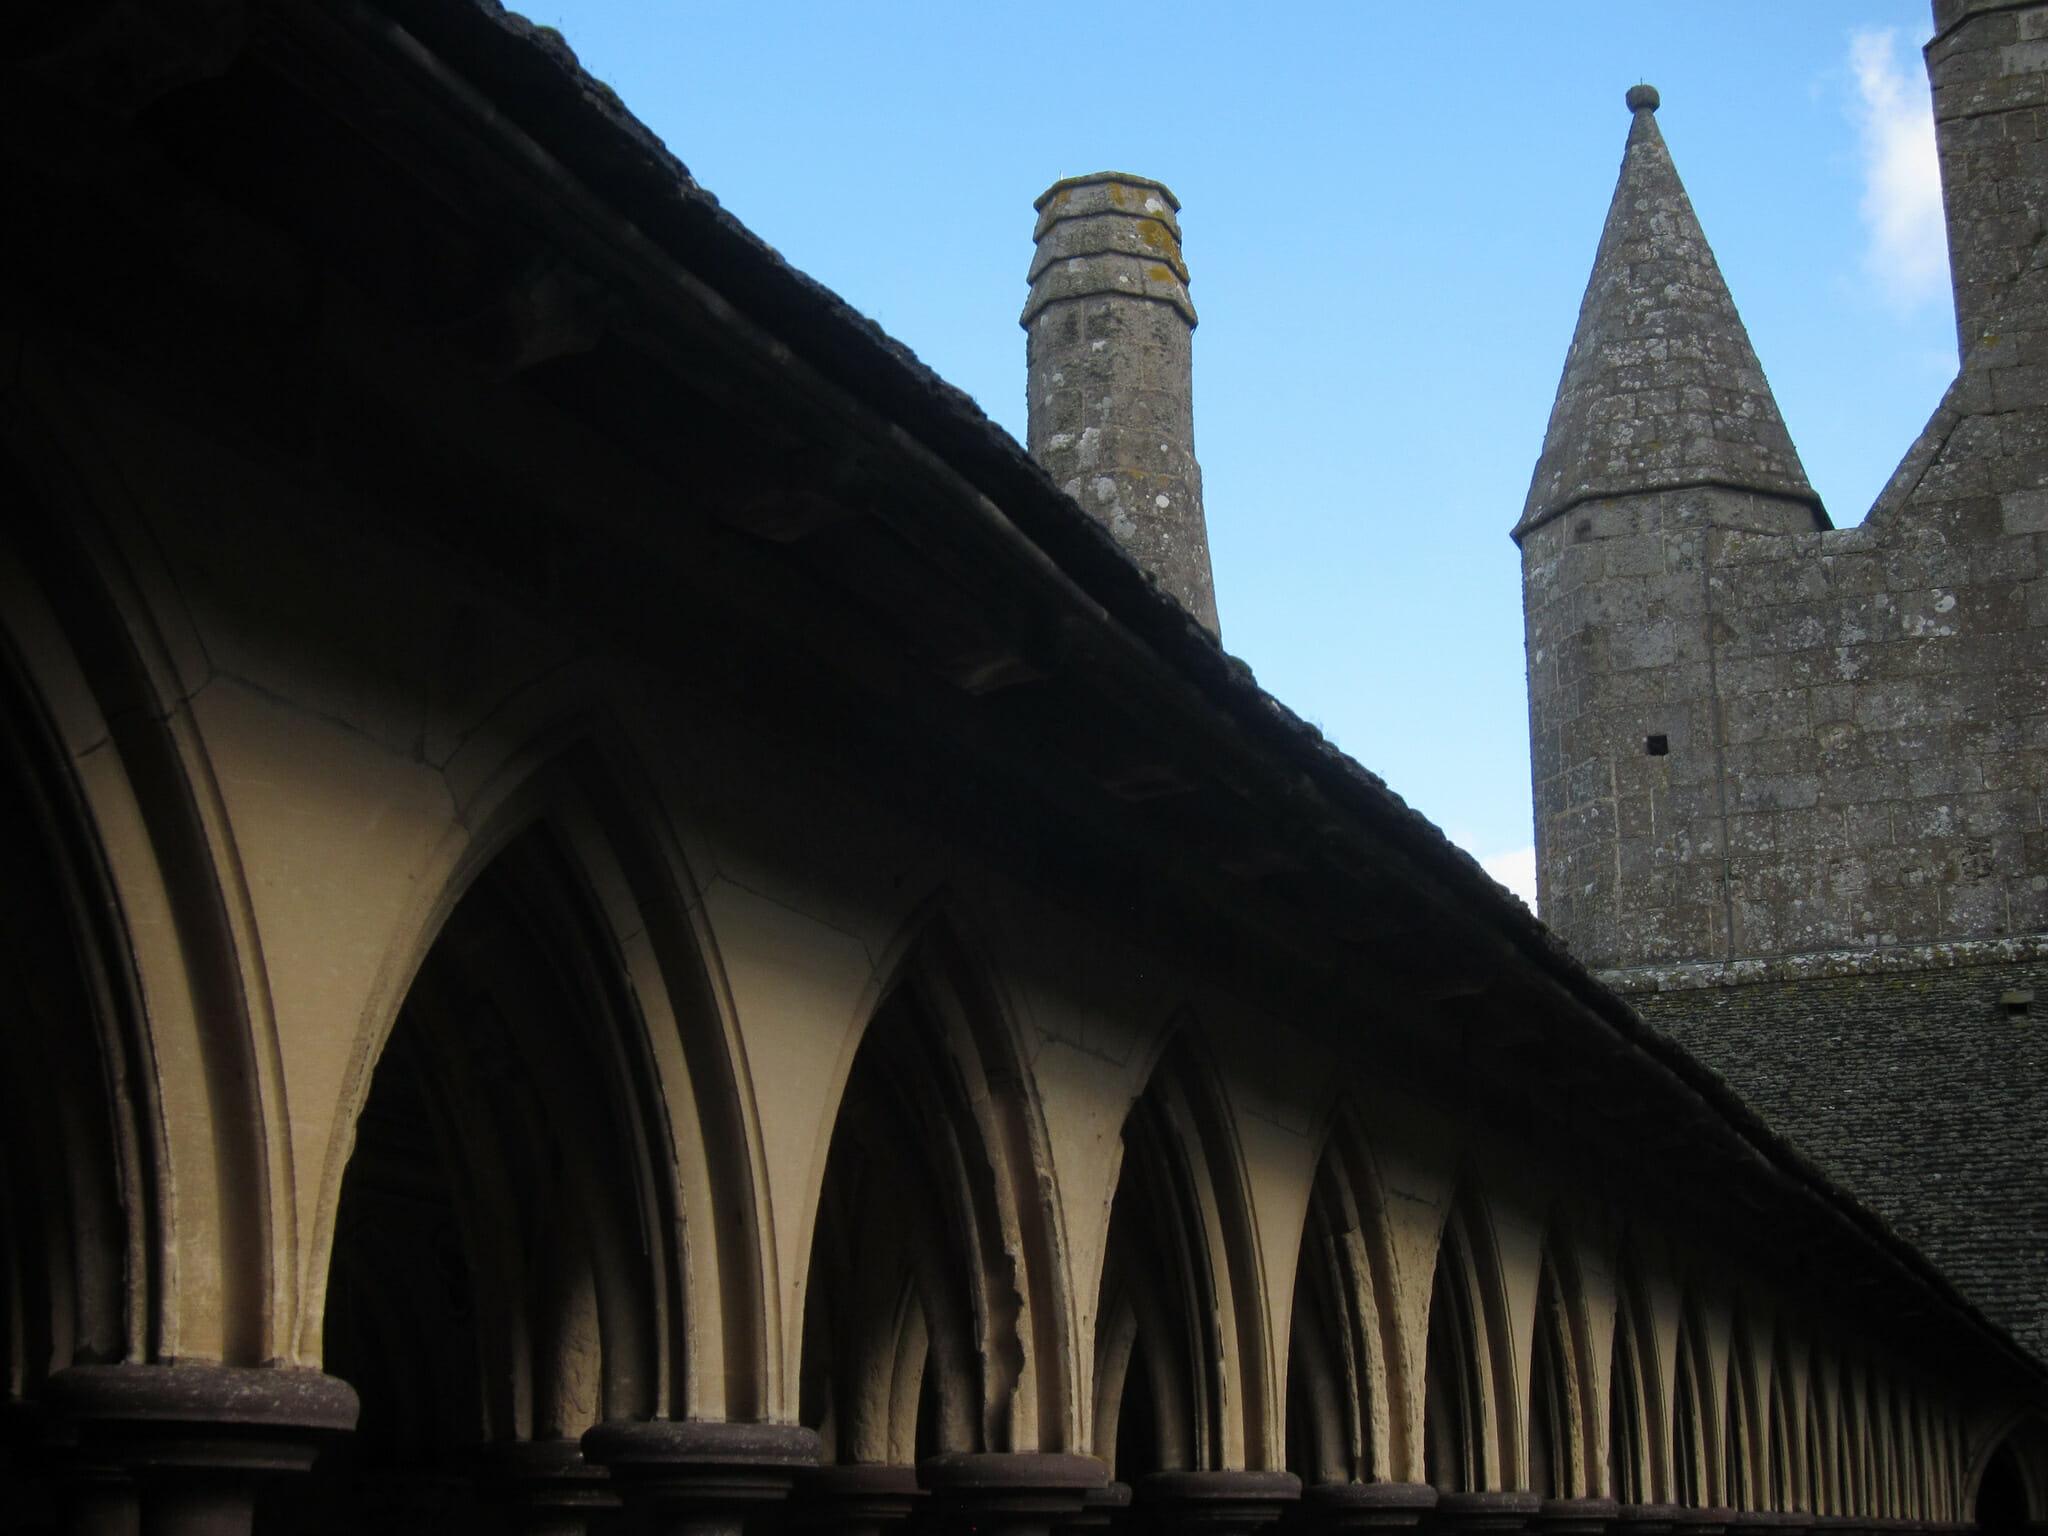 Cloister at Mont Saint-Michel